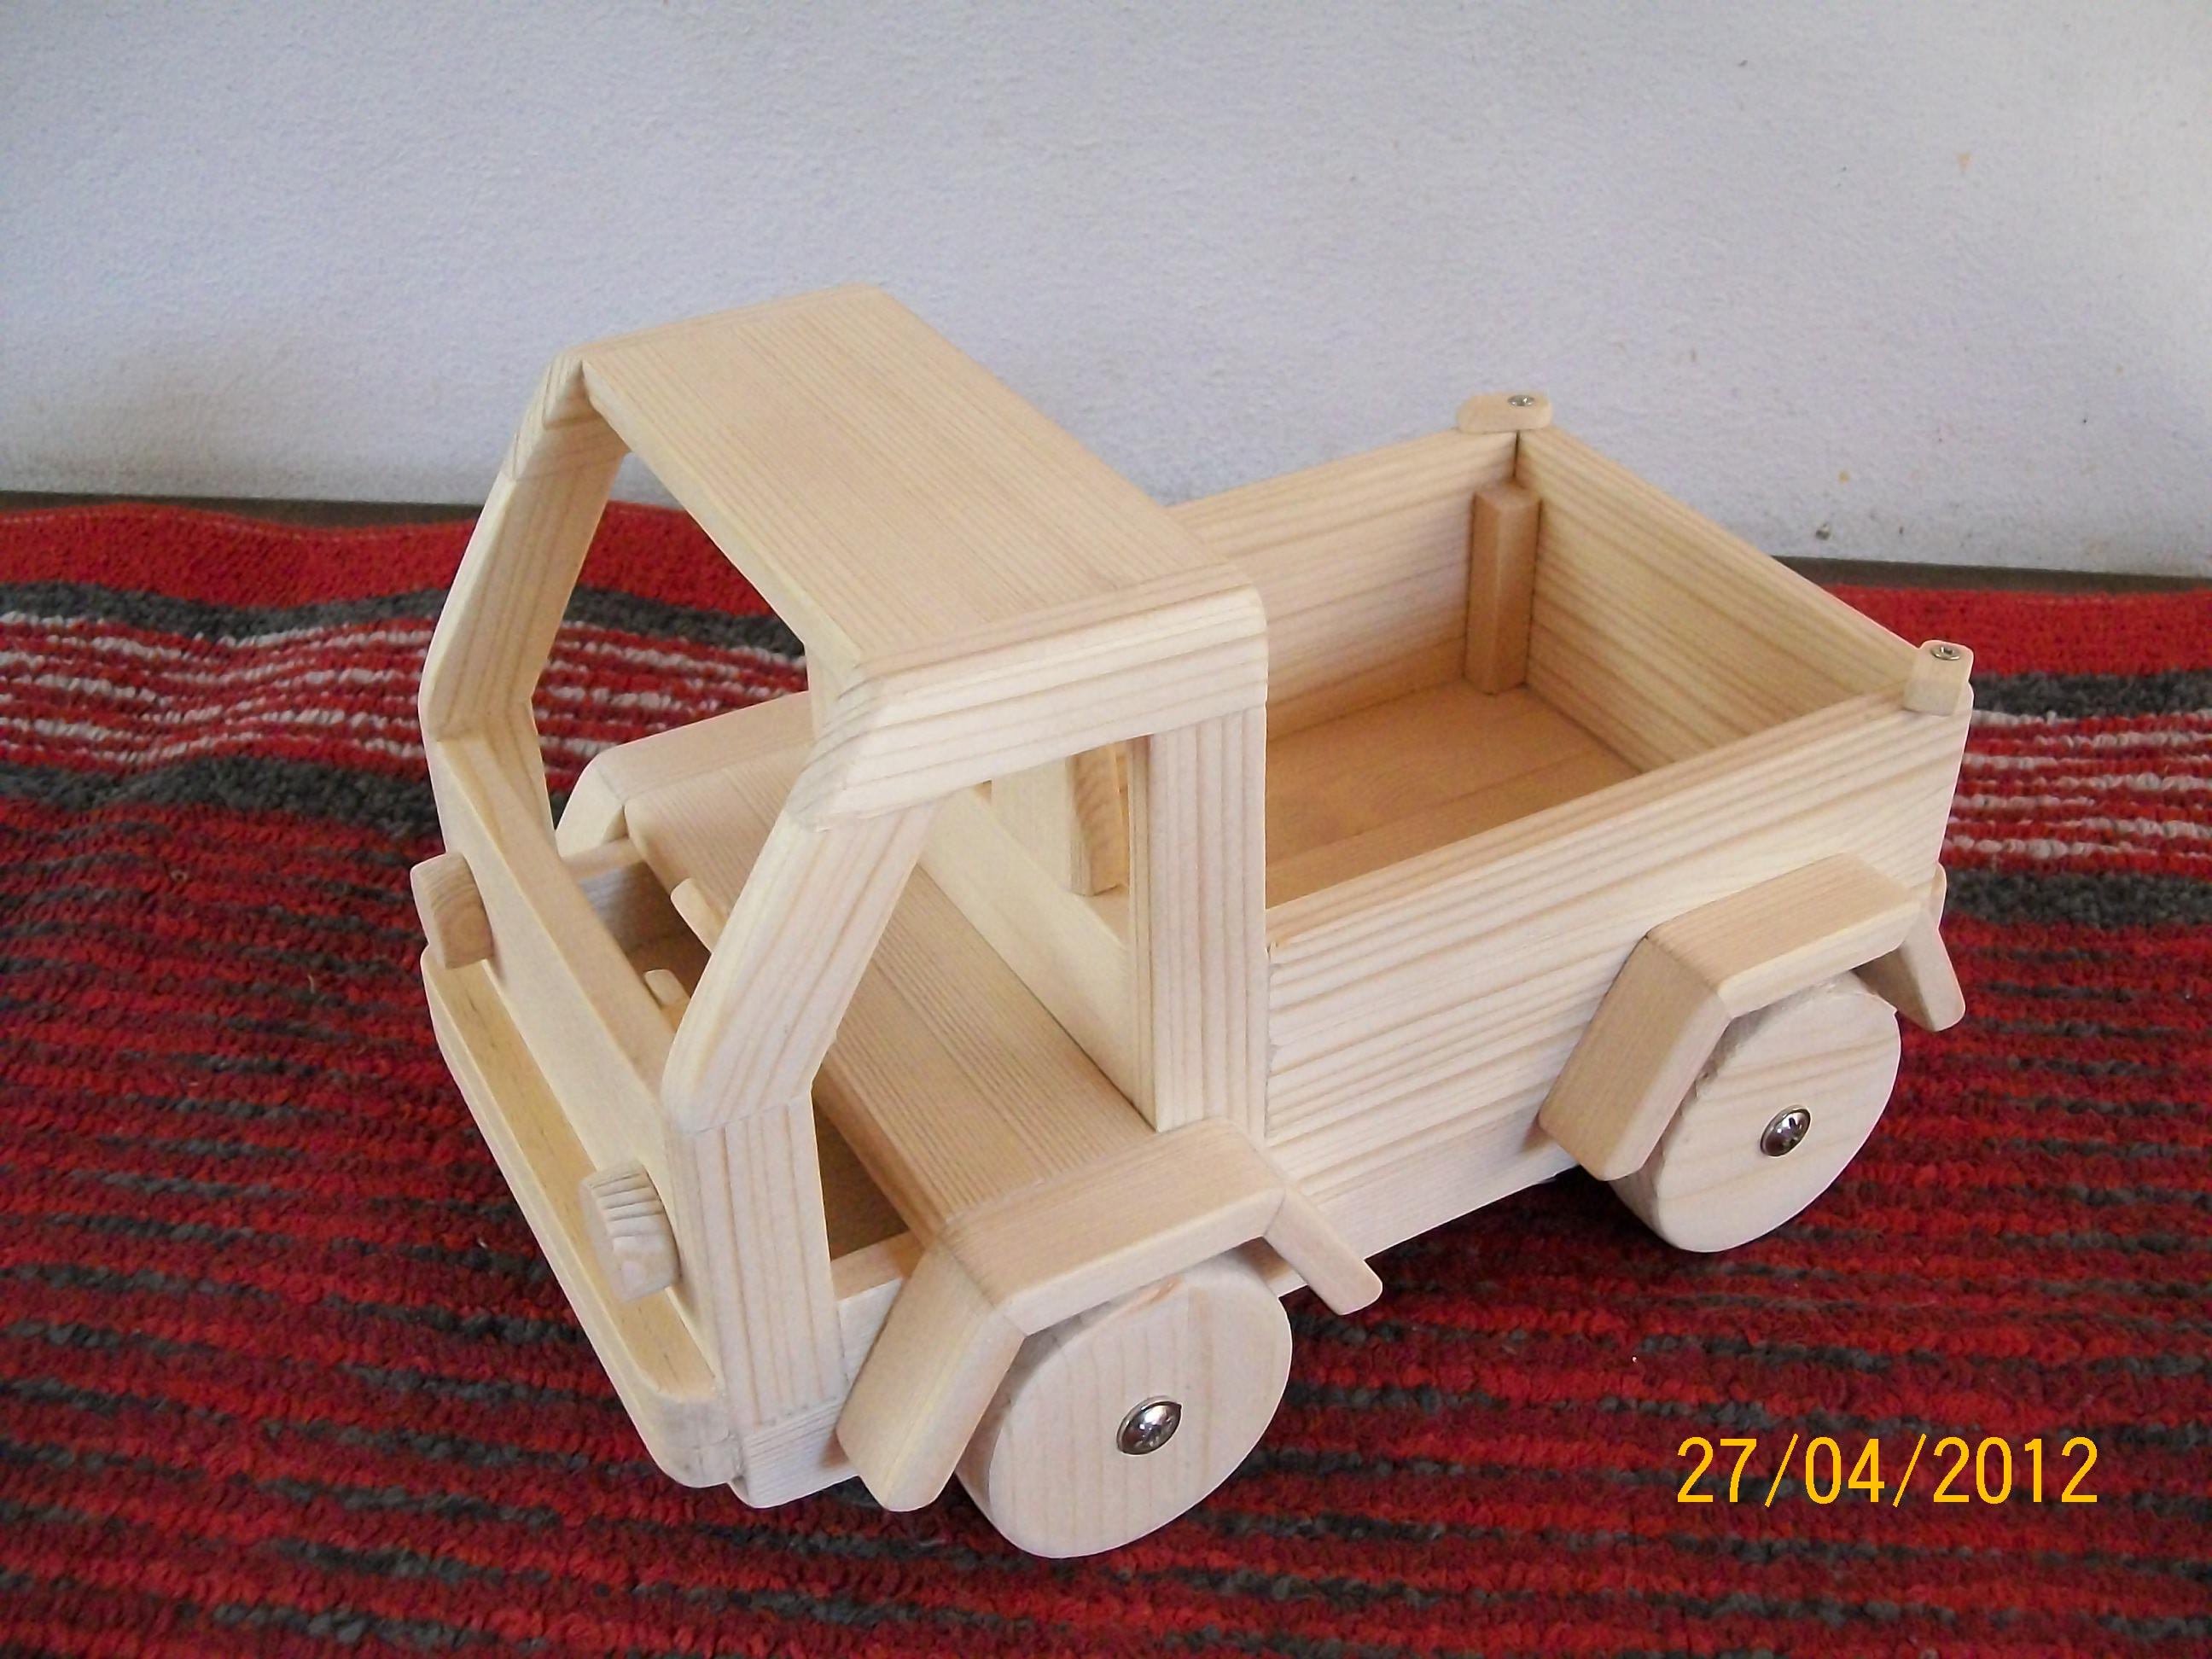 Oggetti in legno fai da te by silvano giocattoli in - Oggetti fai da te ...